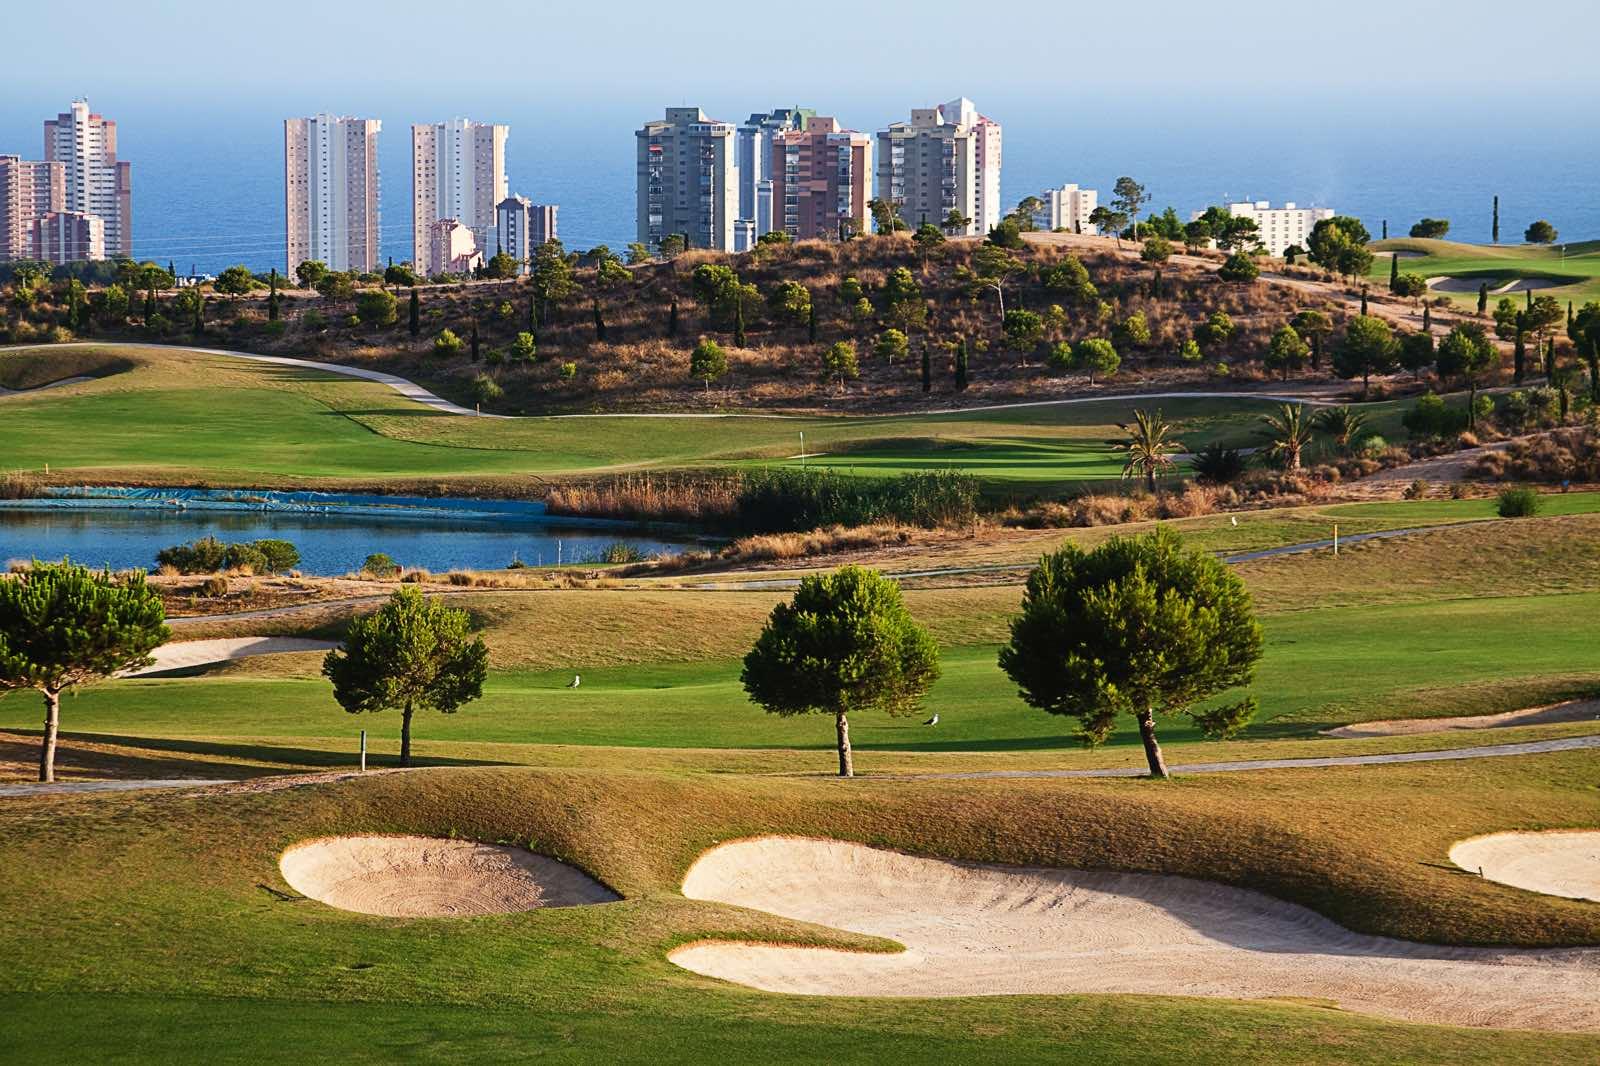 Golf-kenttä Costa Blancalla.